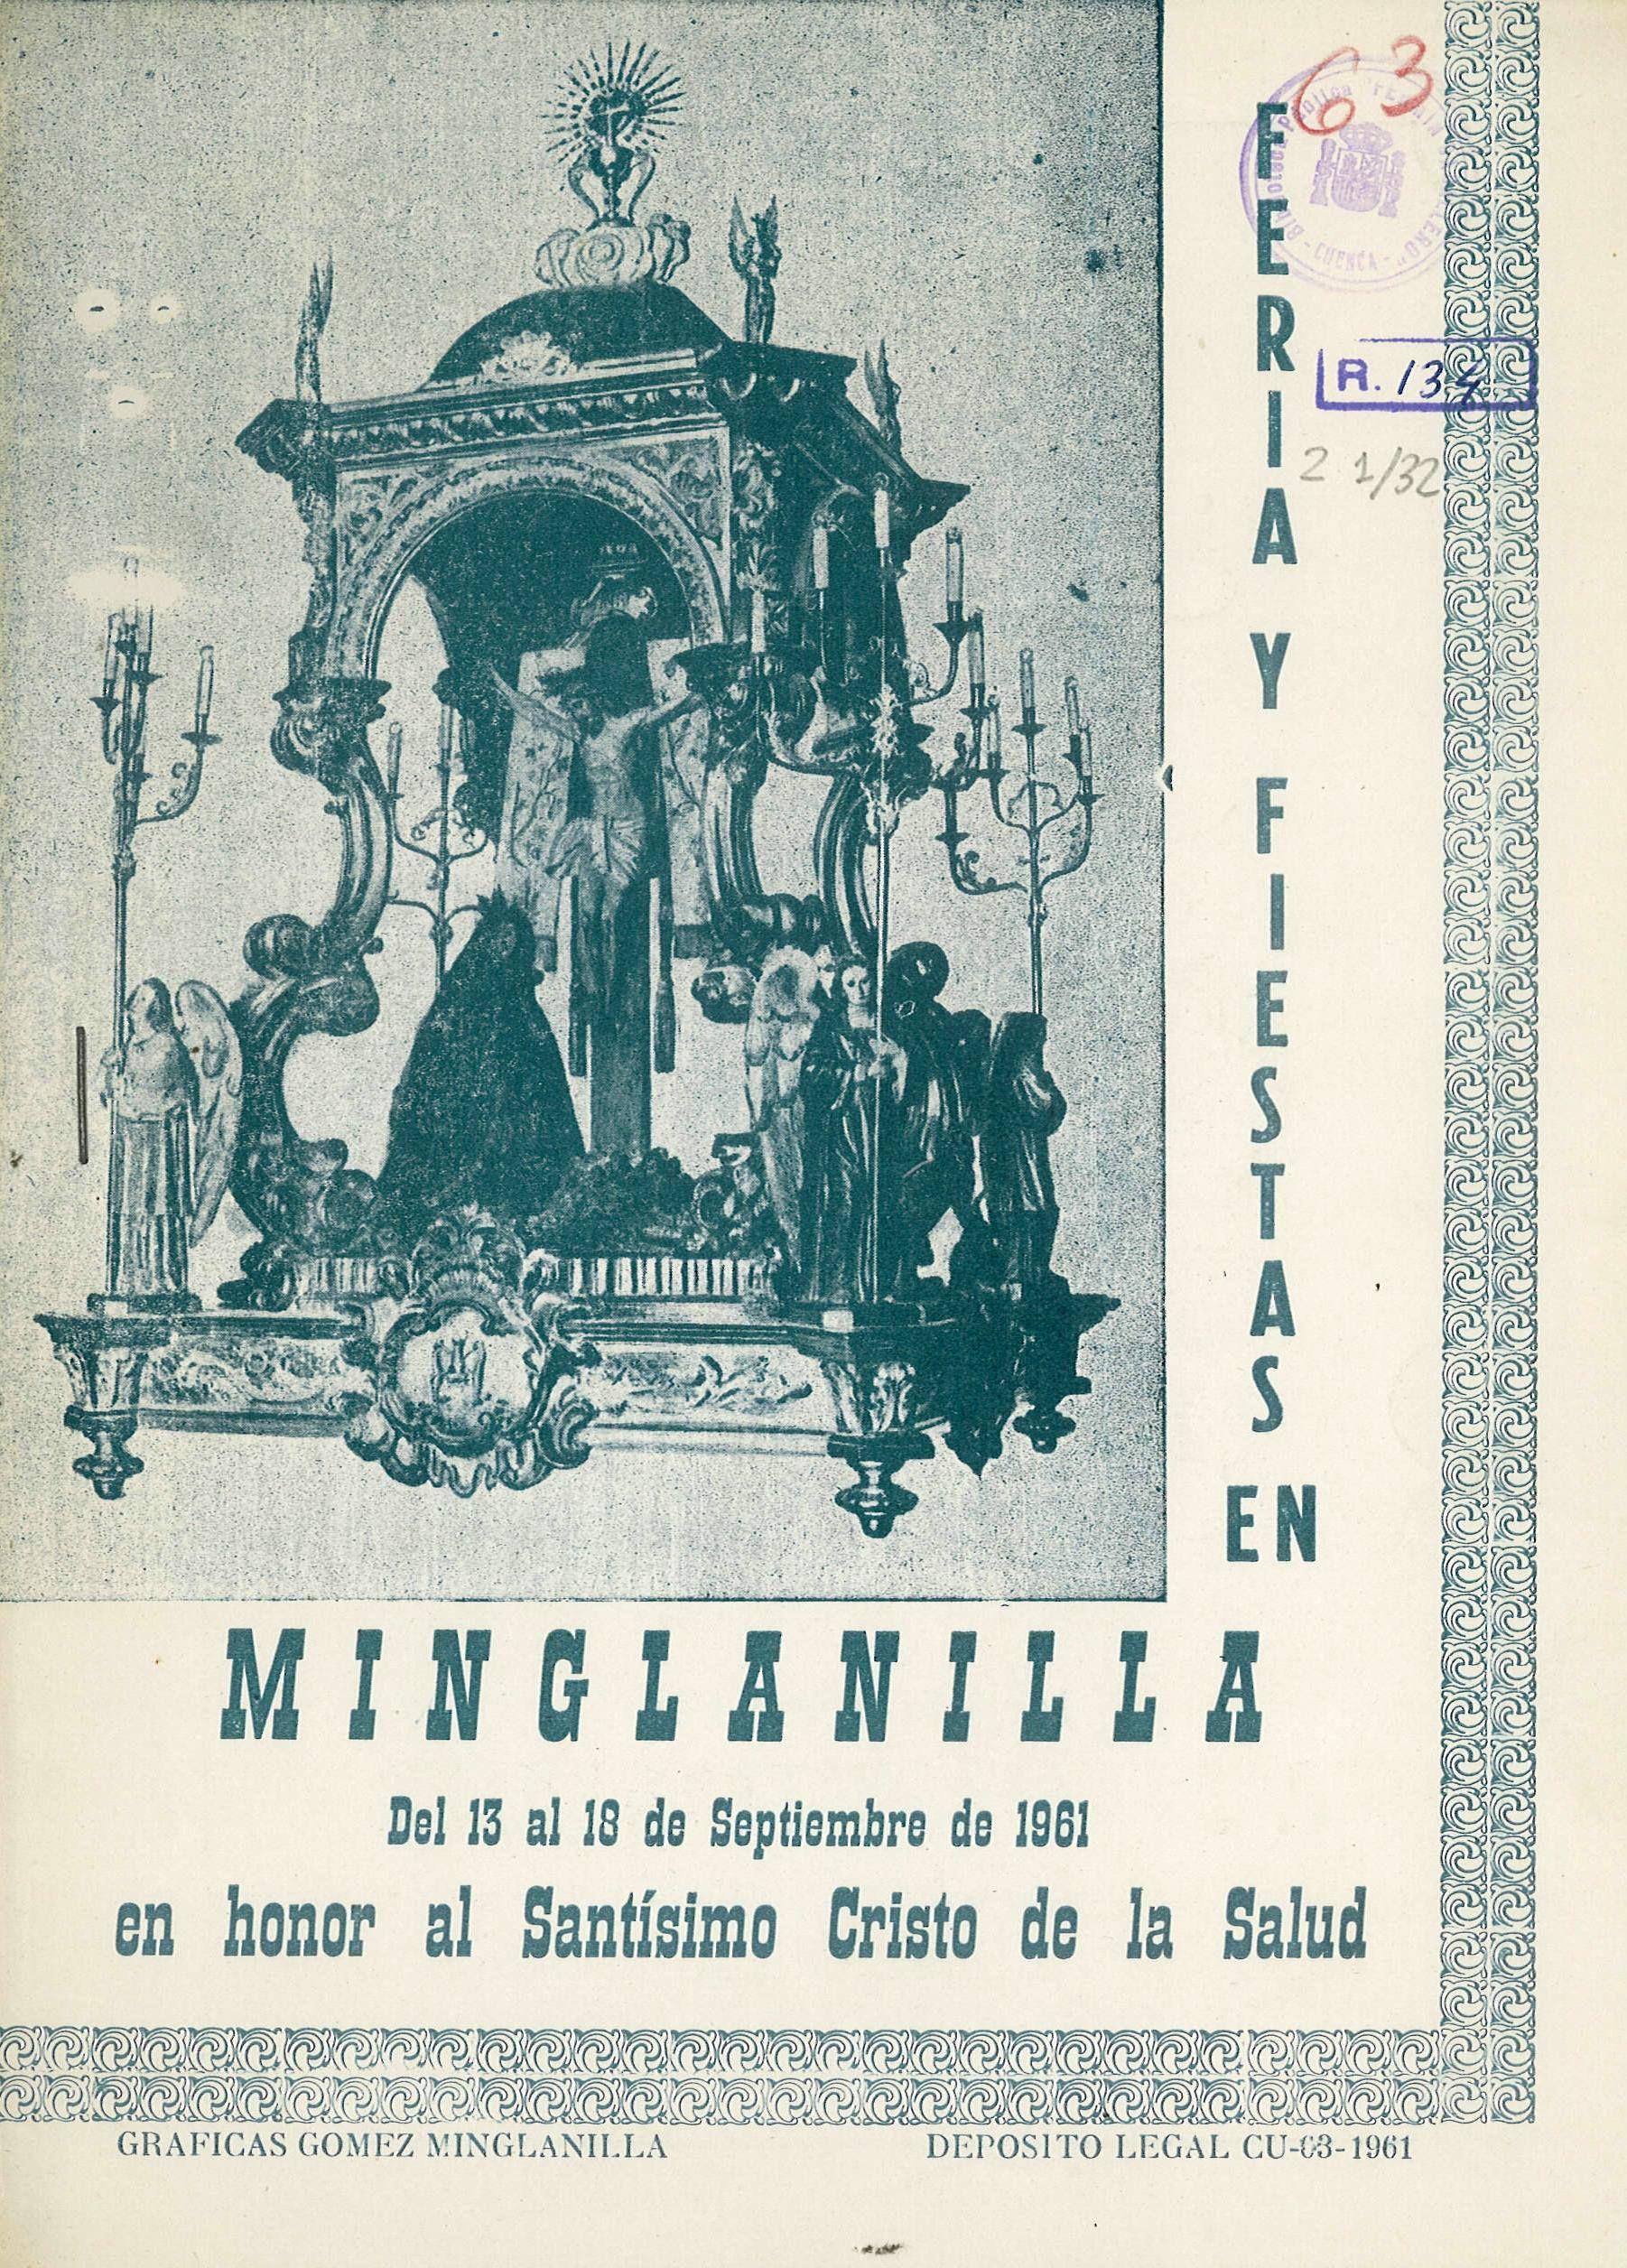 Fiestas en Minglanilla (Cuenca) en honor del Cristo de la Salud del 13 al 18 de septiembre de 1961 Carreras de burros con la albarda suelta y el jinete al revés #Fiestaspopulares #Minglanilla #Cuenca